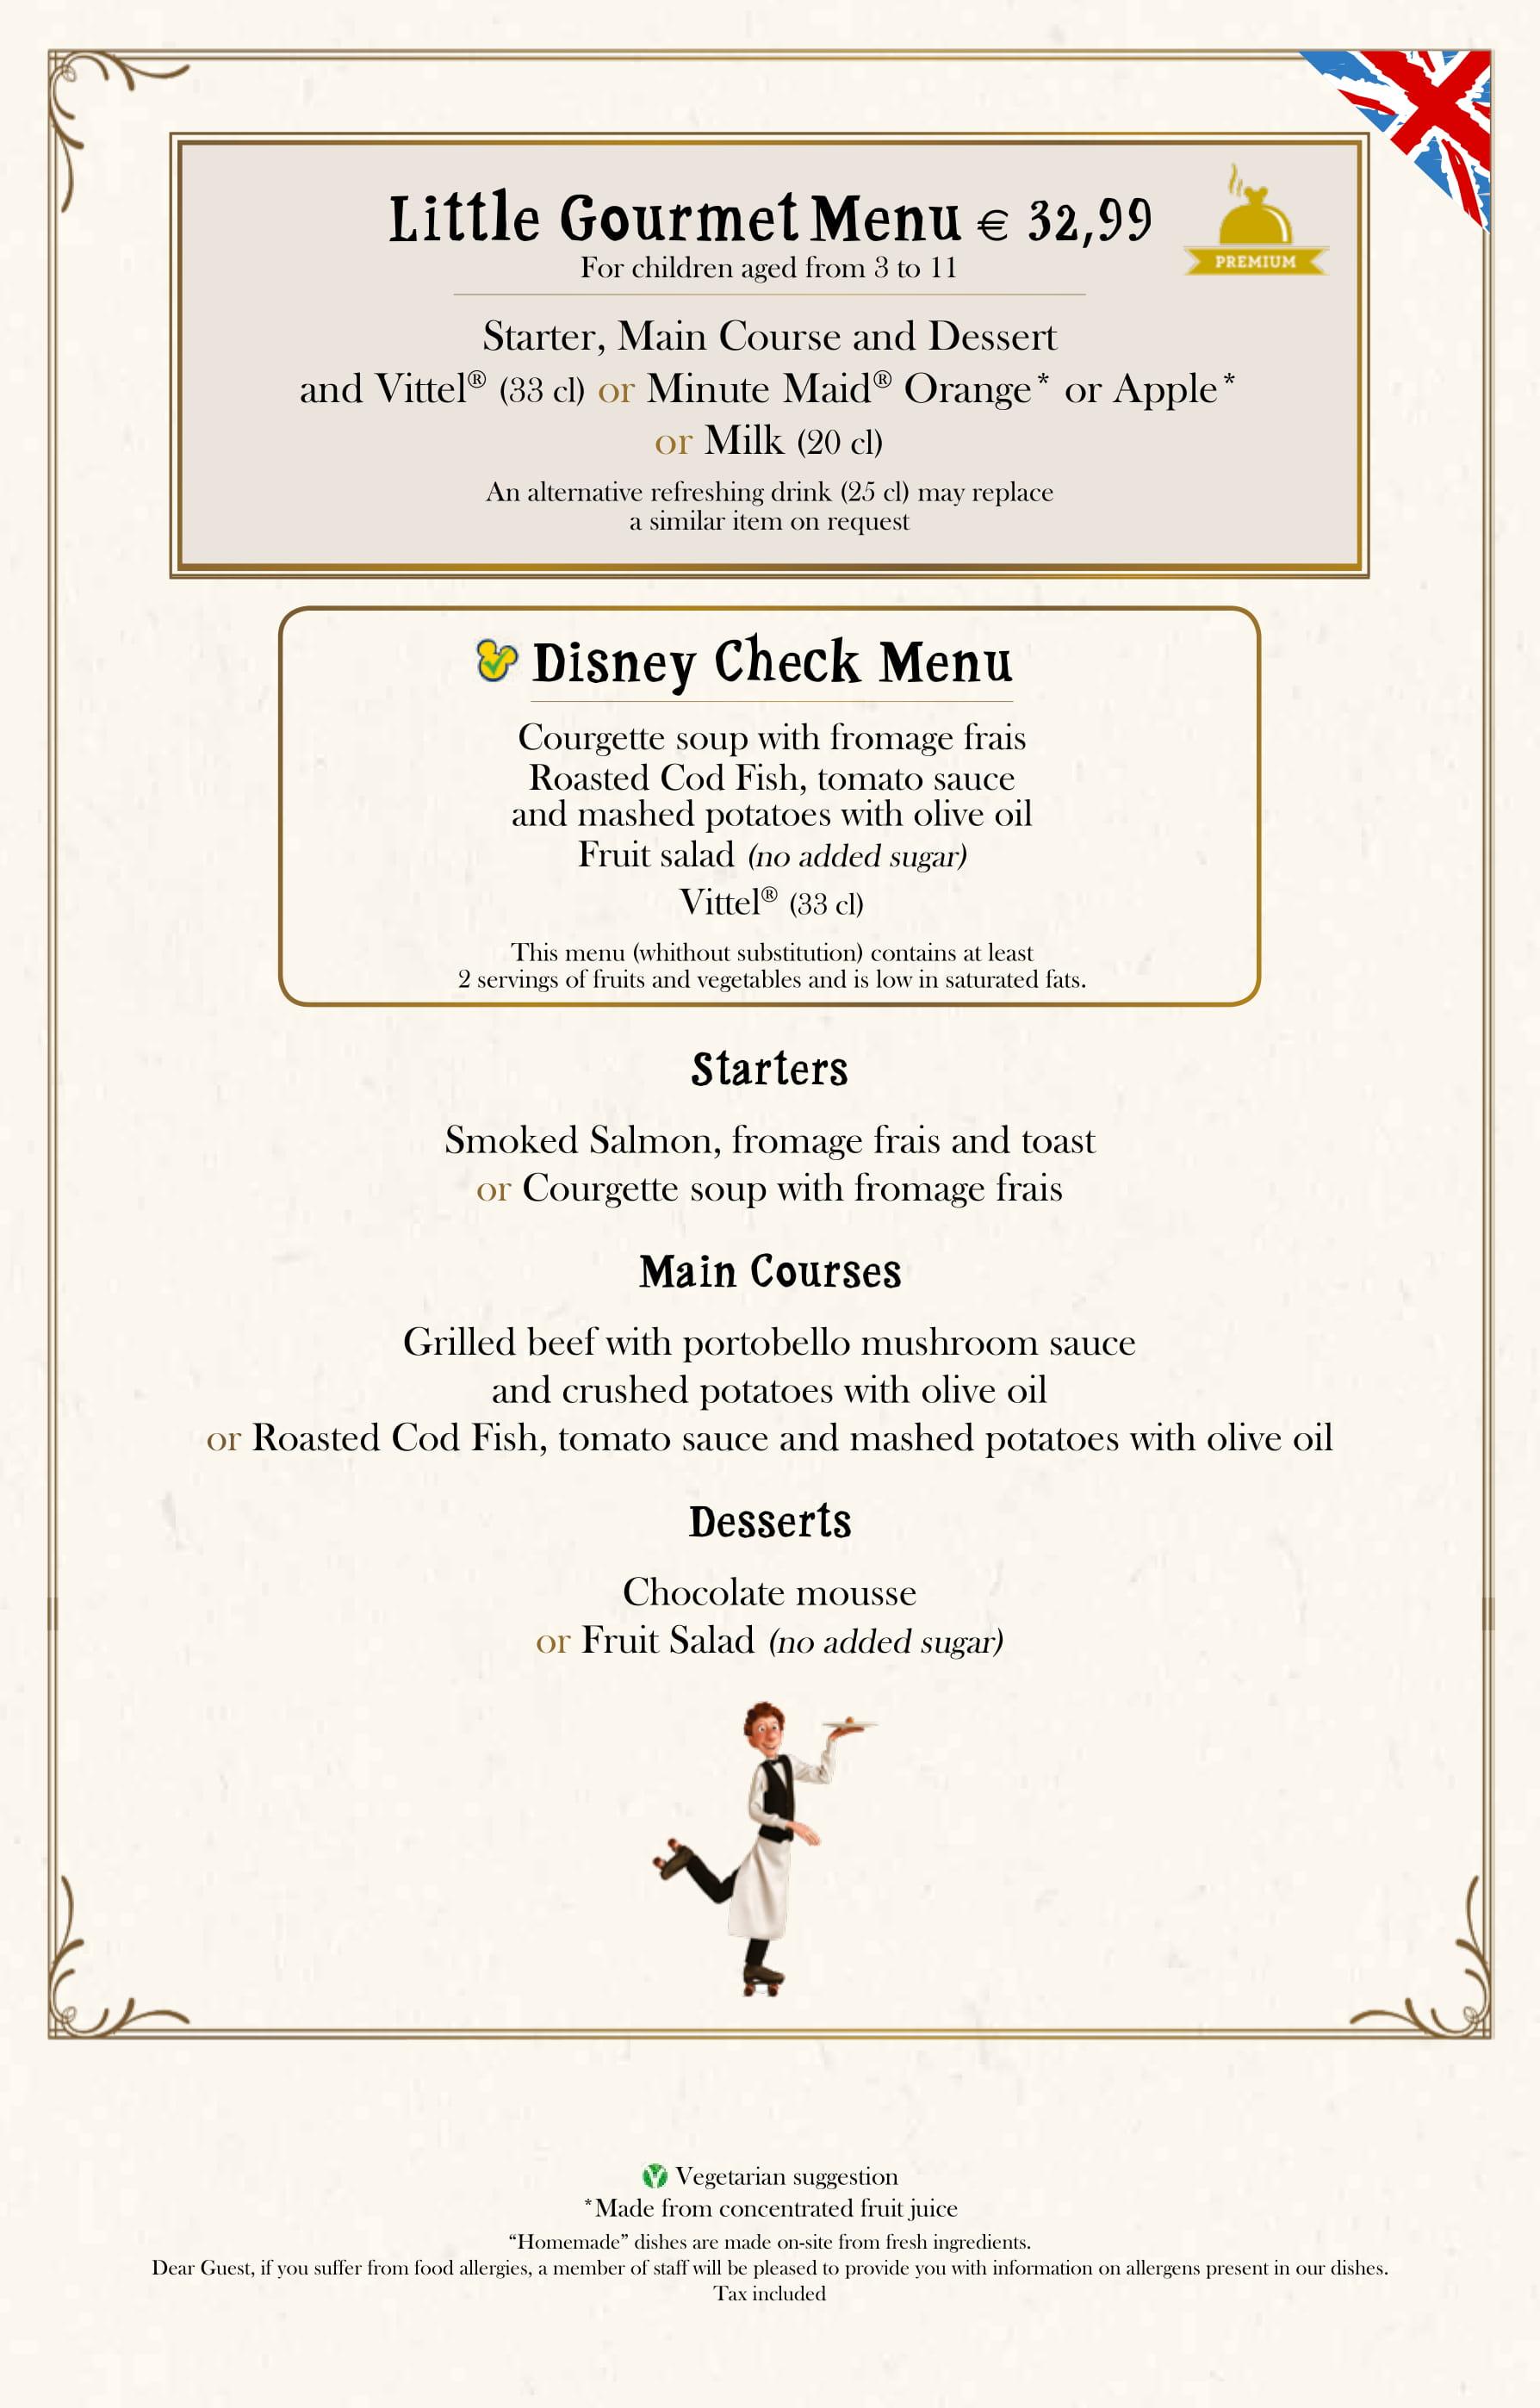 Bistrot Chez Rémy Children's Menu at Disneyland Paris